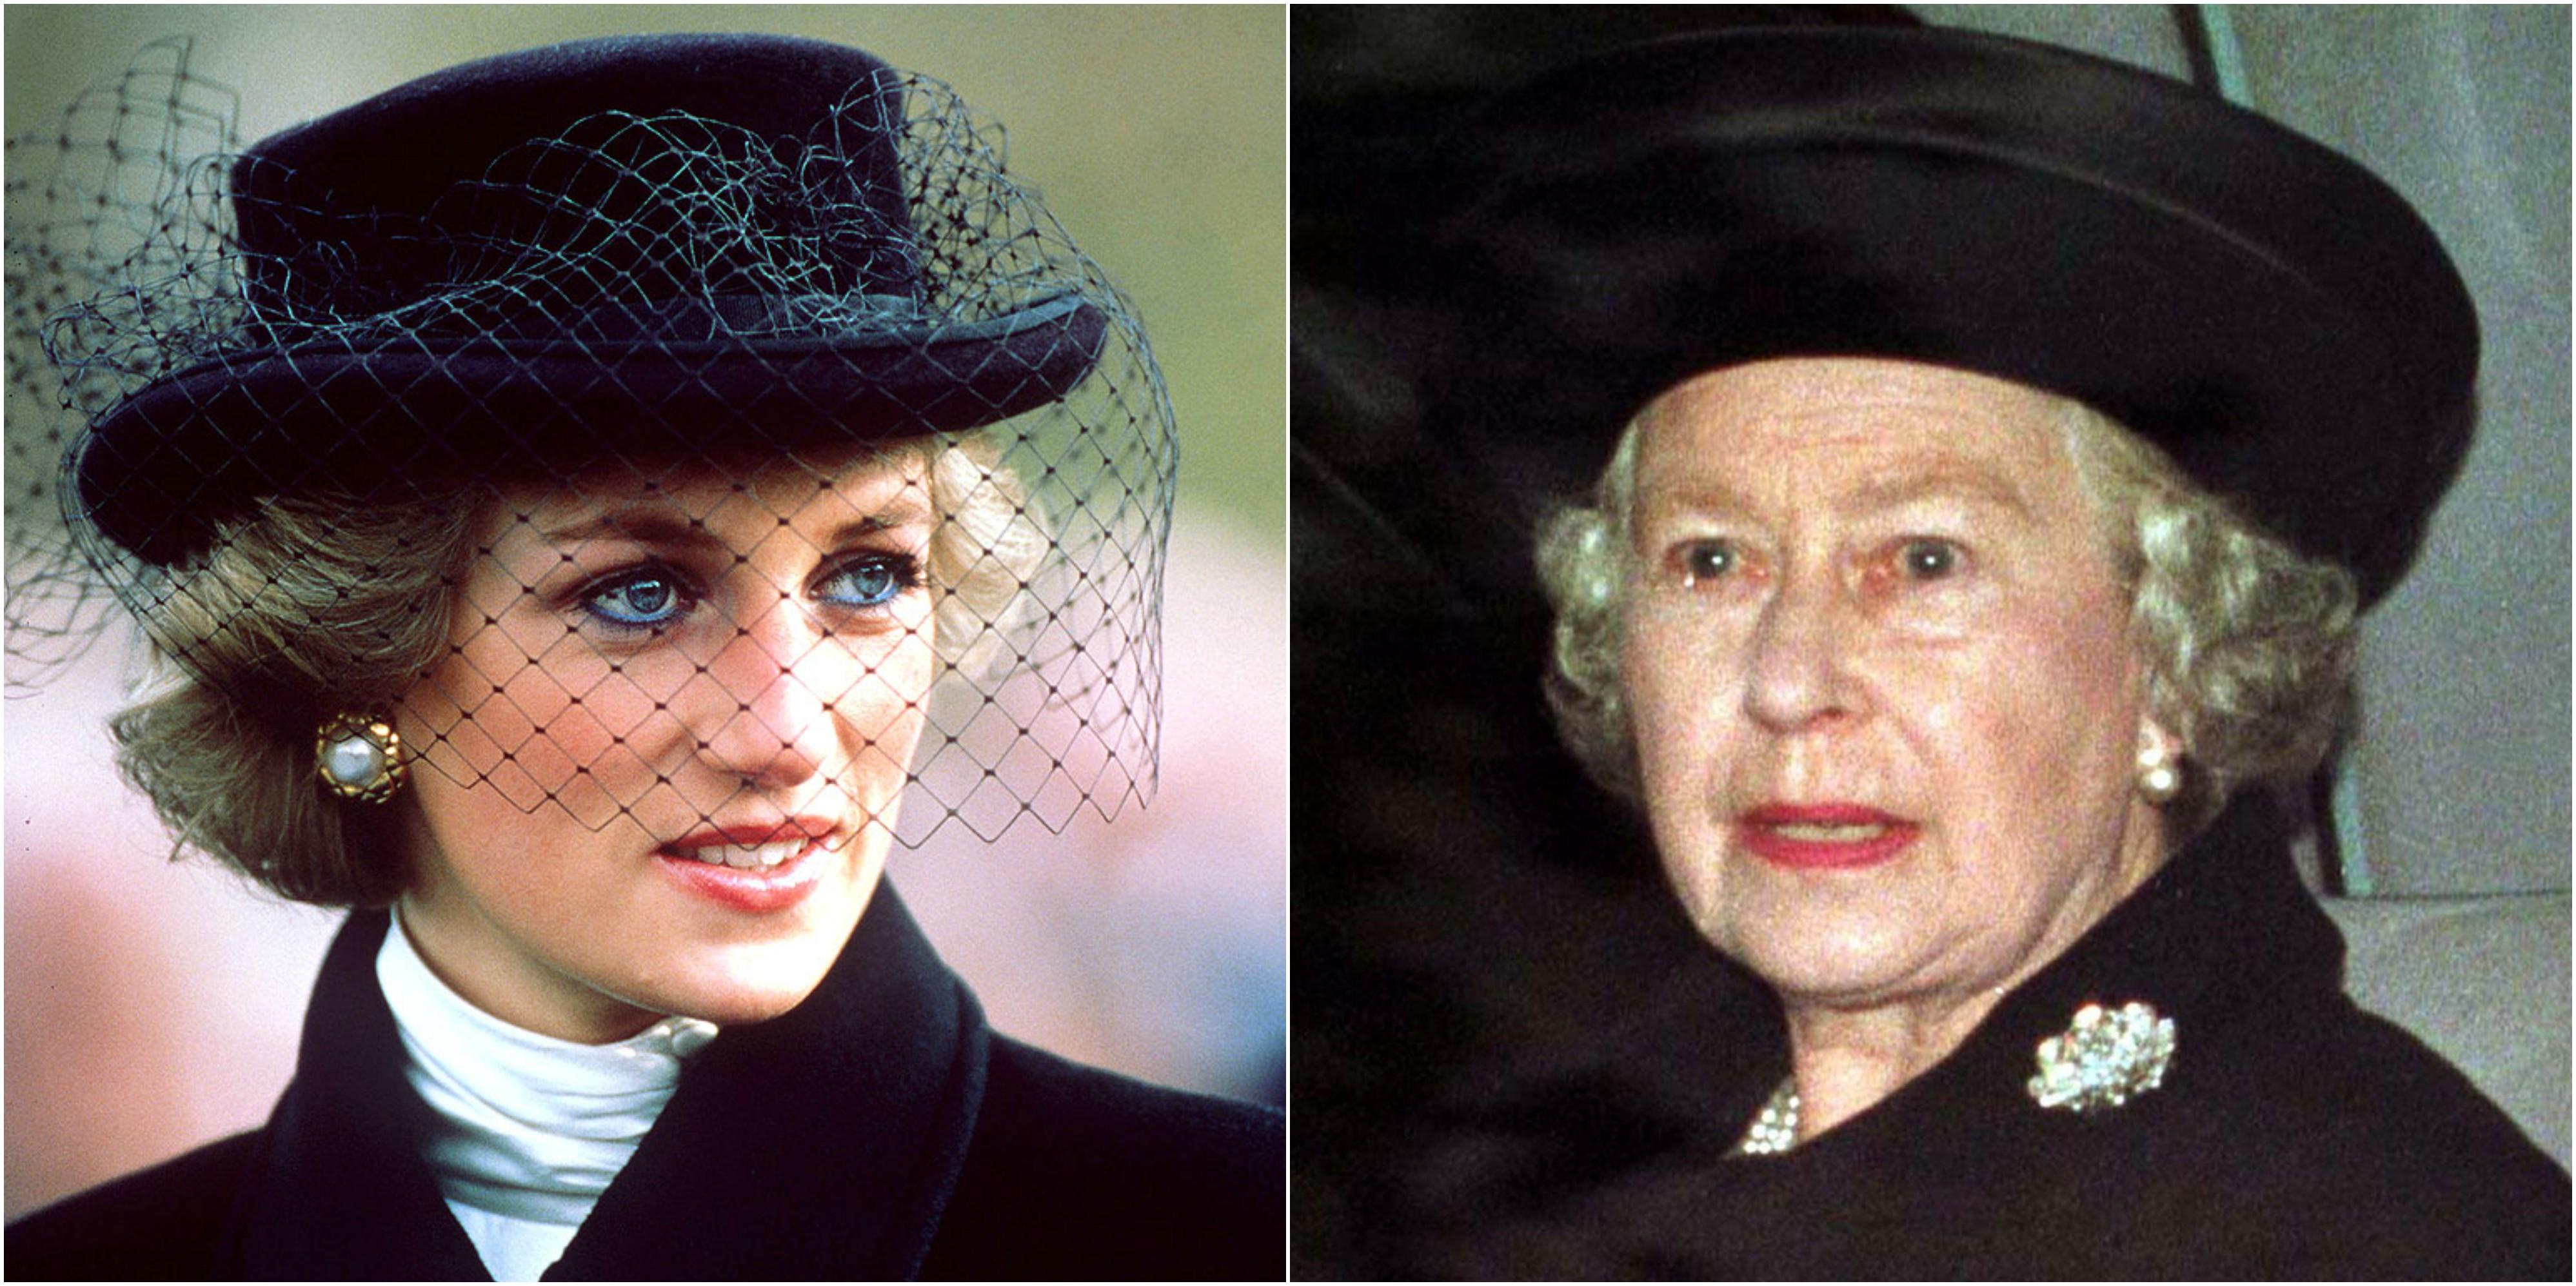 carta desvenda reacao da rainha apos morte de diana movenoticias carta desvenda reacao da rainha apos